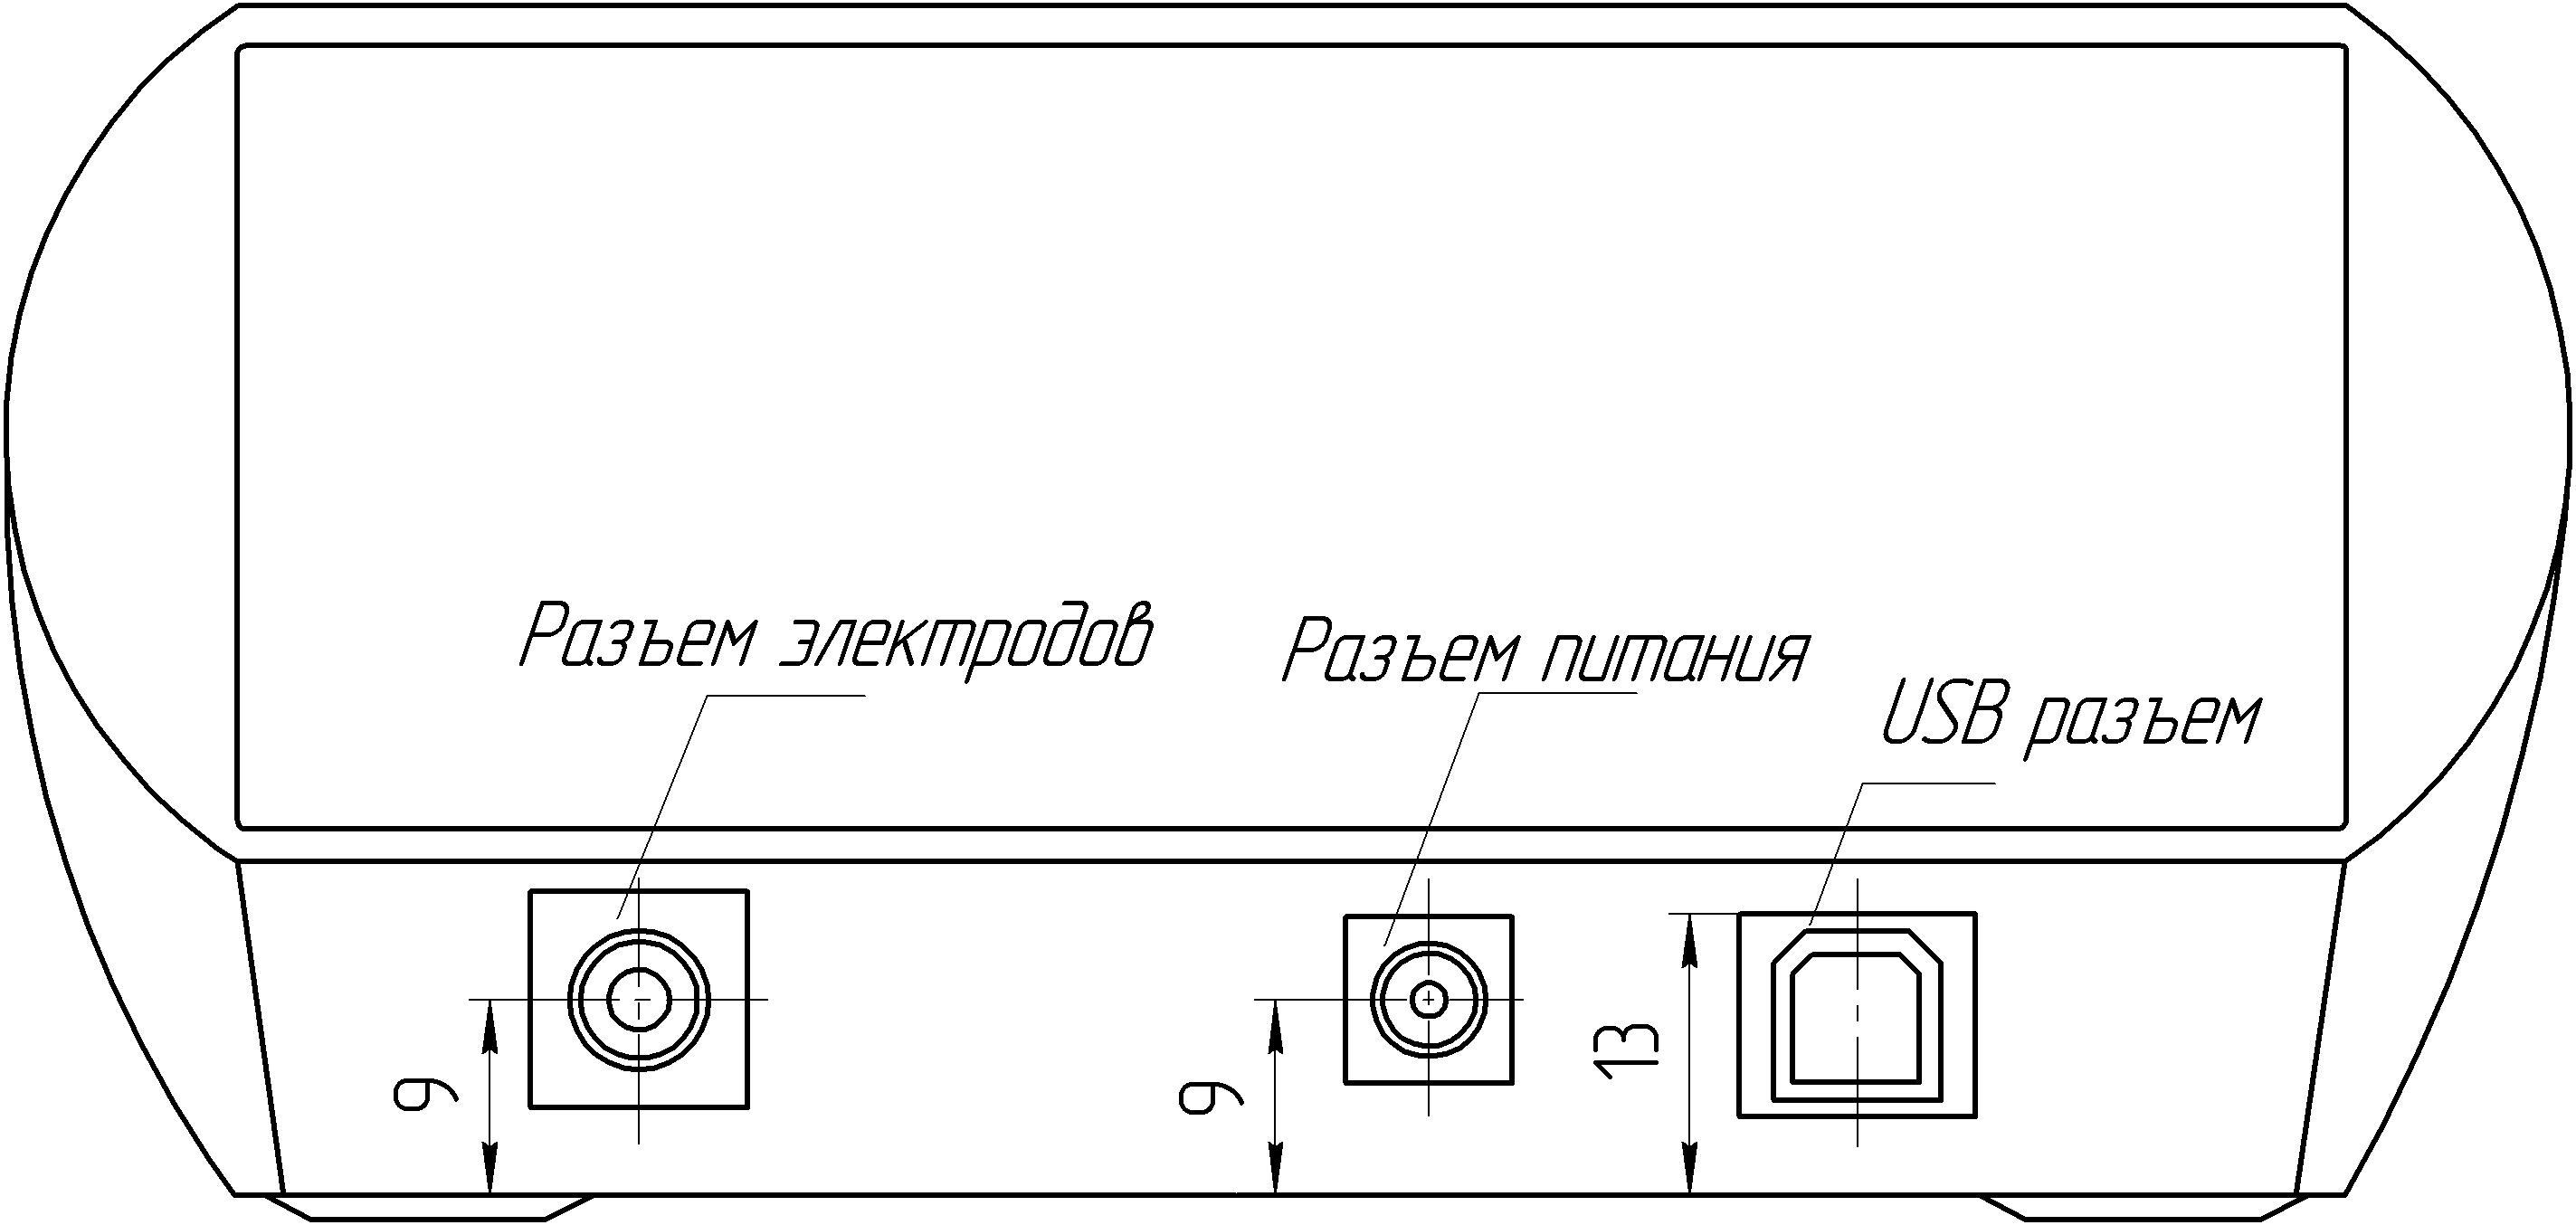 гост 34602 89 техническое задание пример